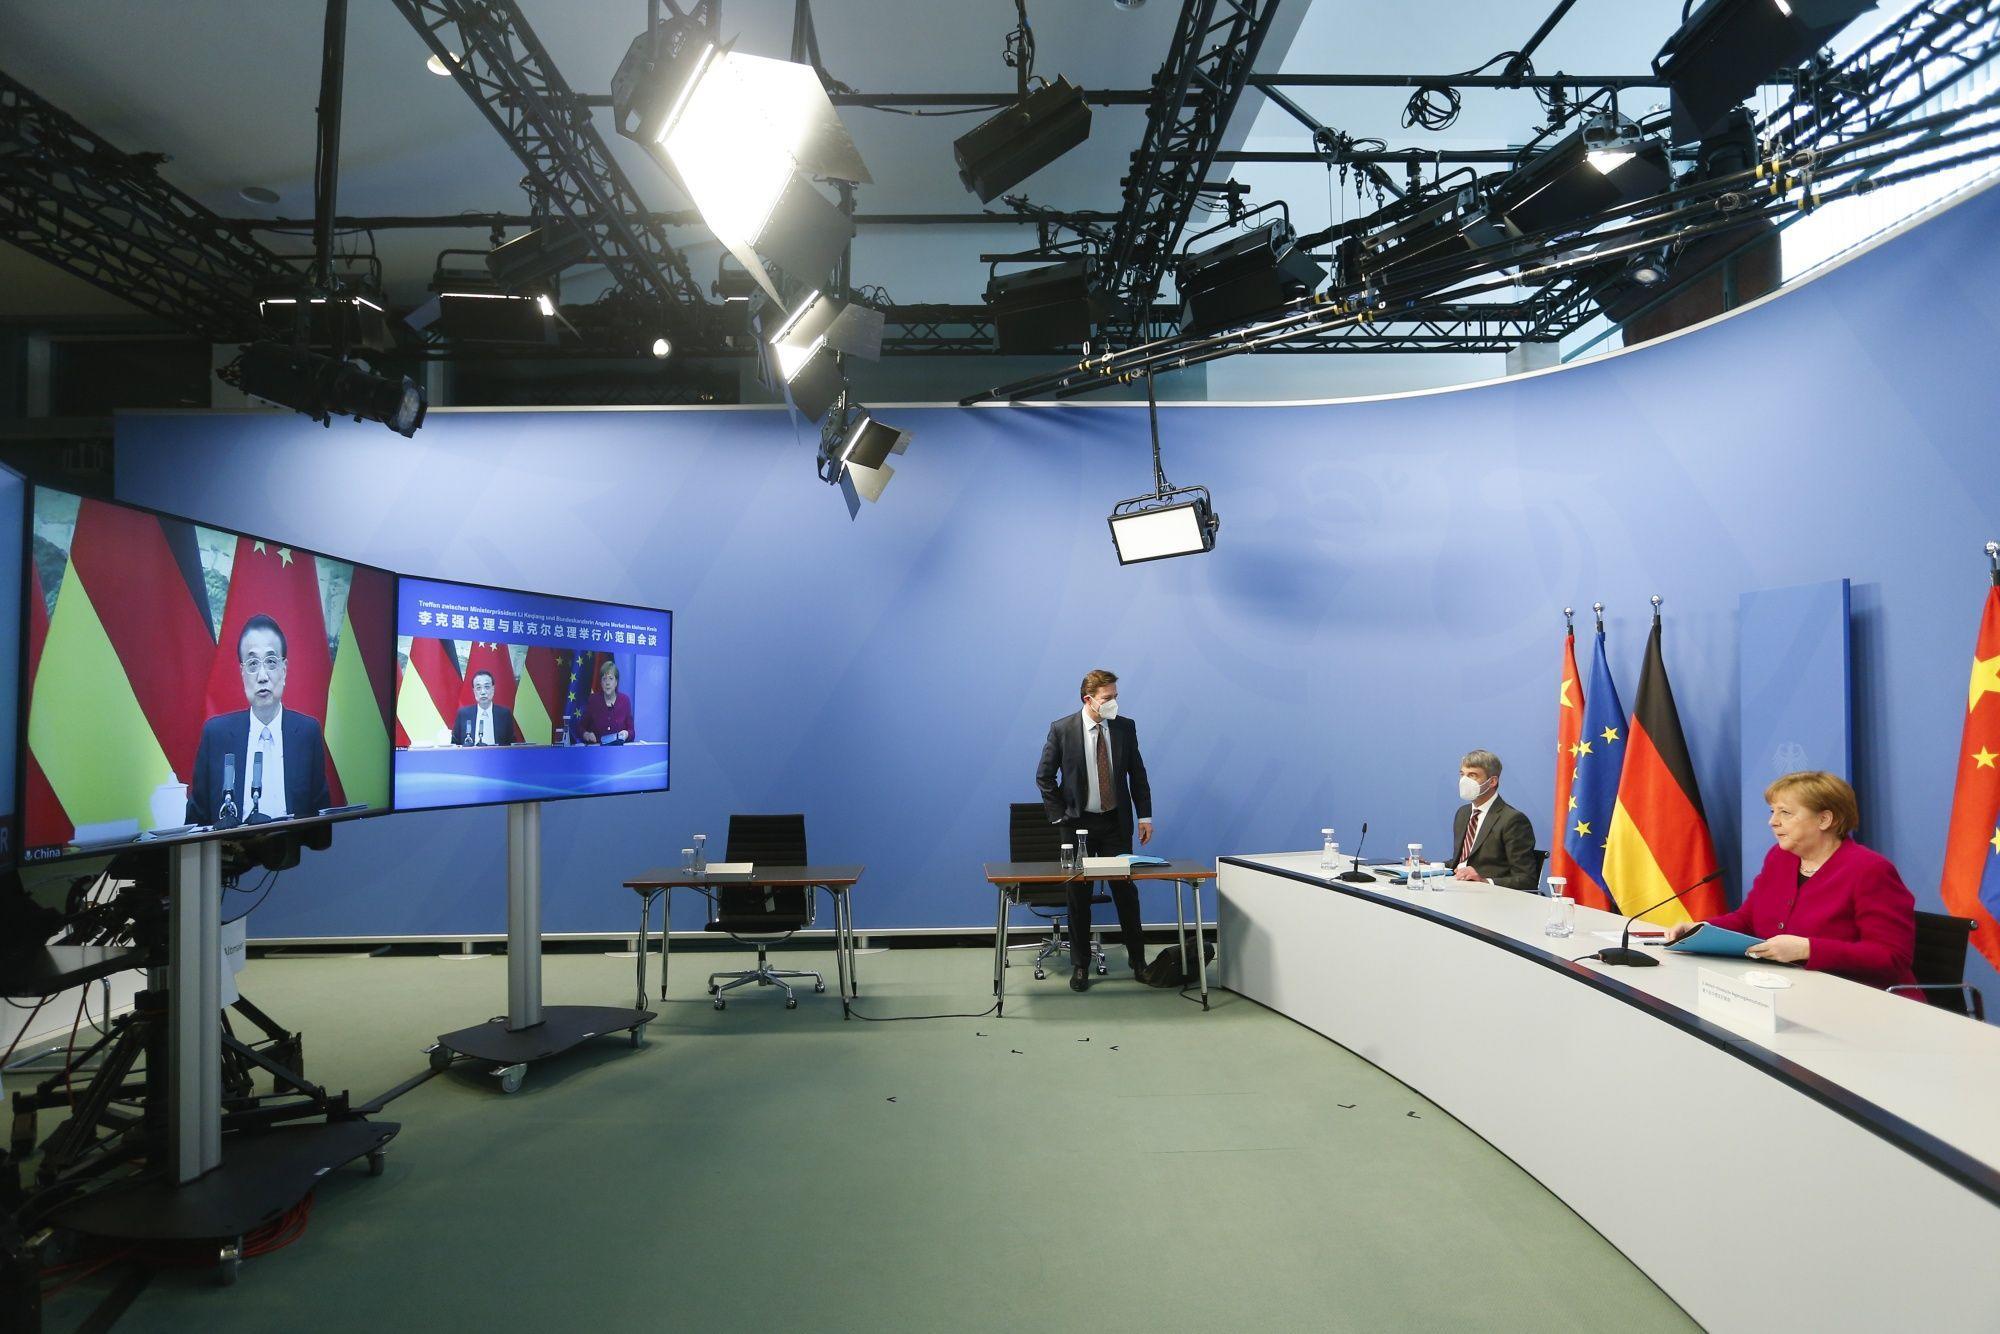 Die chinesischen Spannungen nahmen zu, als Europa an Bidens Seite trat